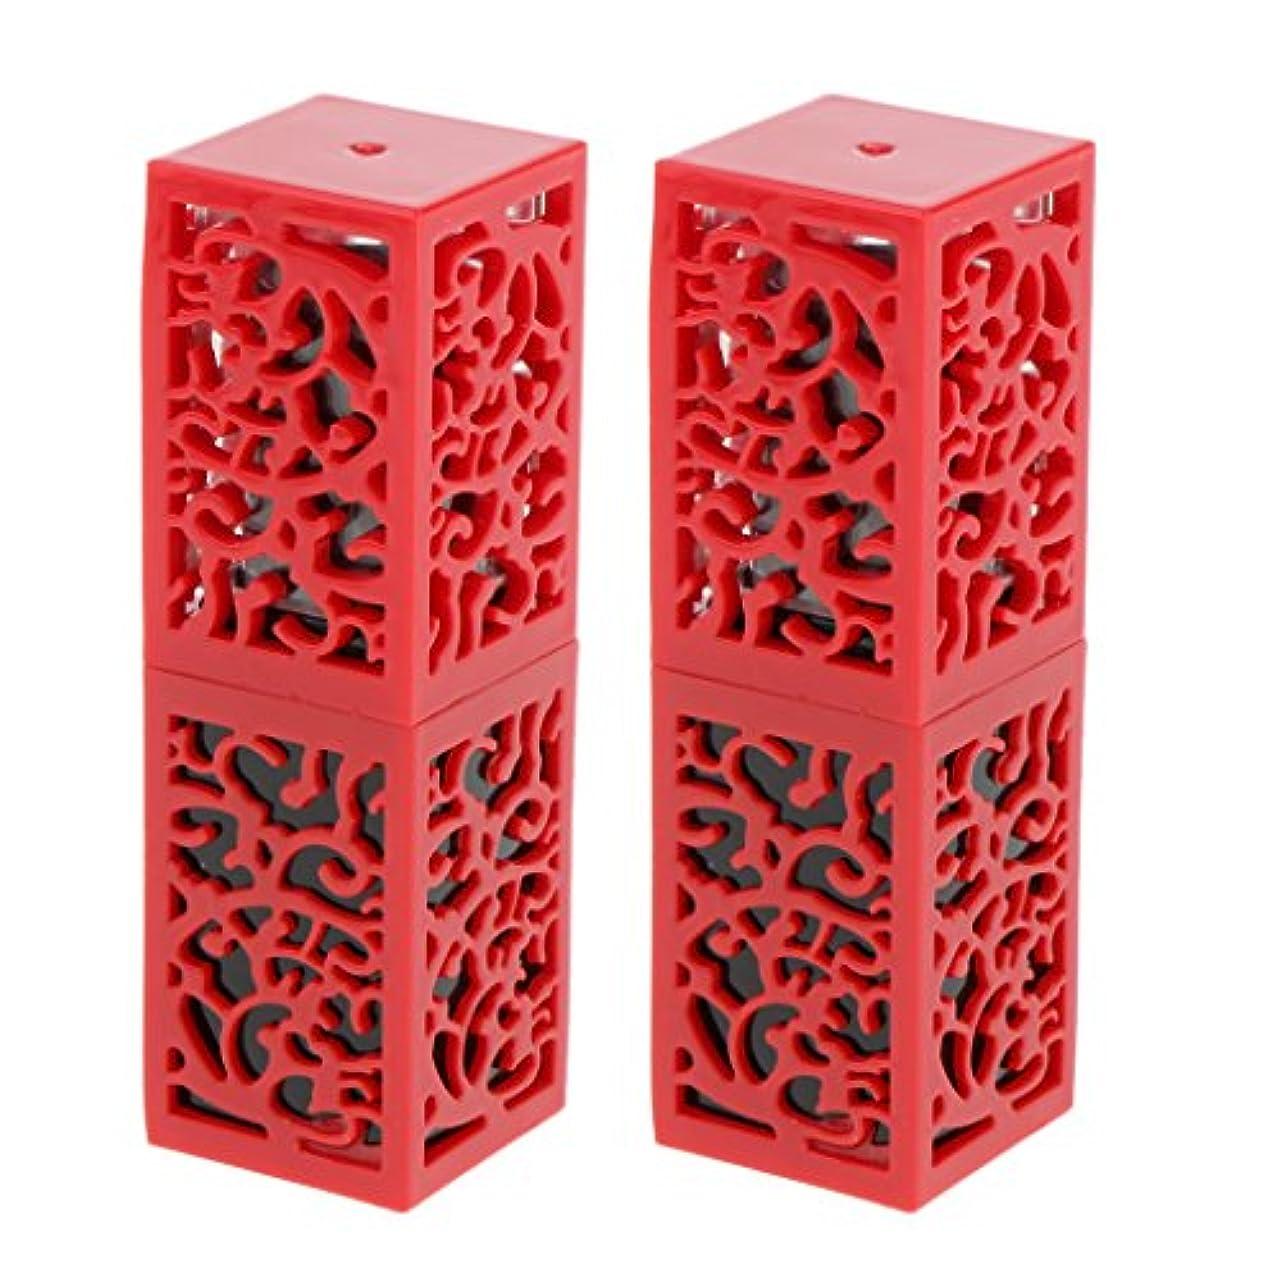 秘書寝るアルコールPerfk 2個入 口紅チューブ リップスティックチューブ 内径1.21cm 金型 コスメ 化粧品 DIY 全2色 - 赤